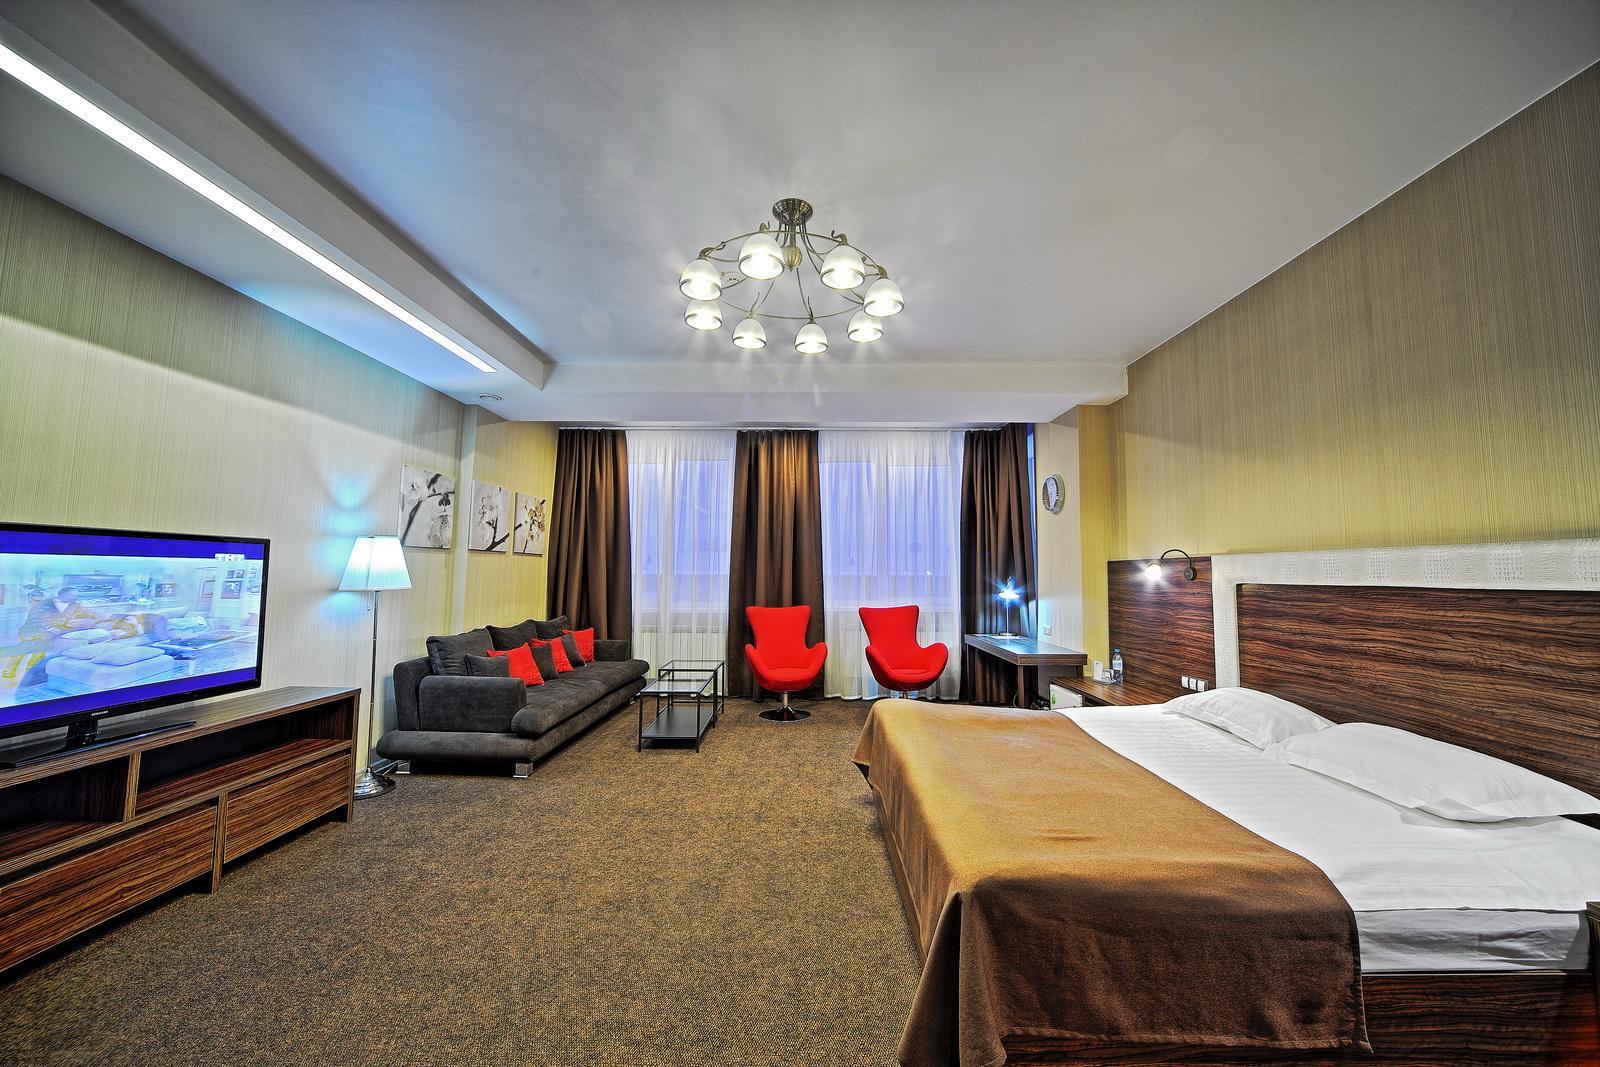 новые гостиница атлас иркутск фото одна интересная